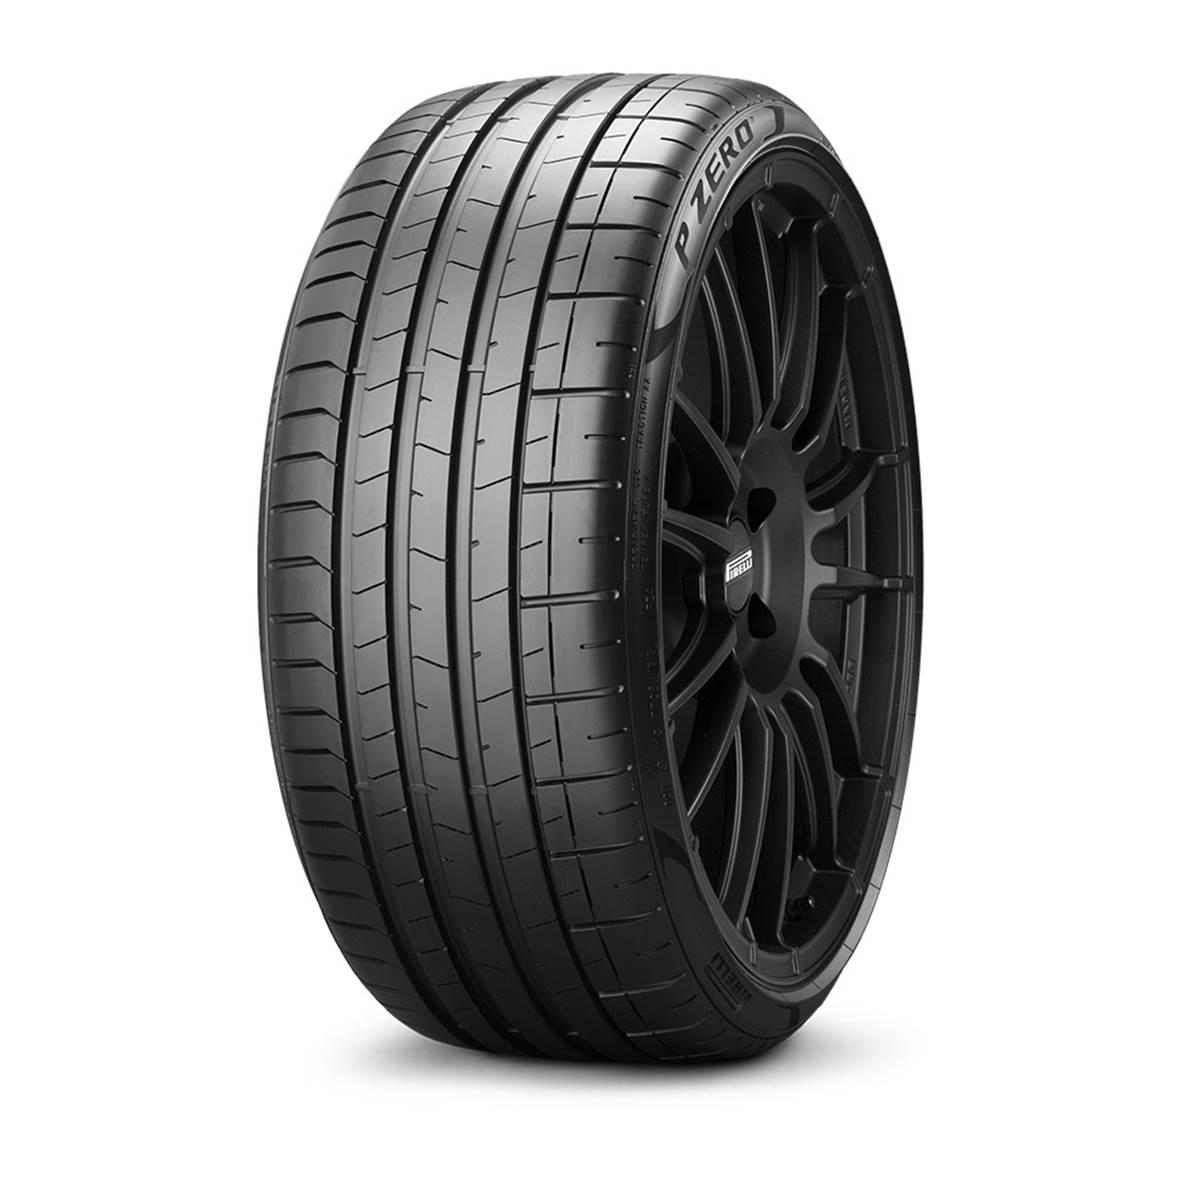 Pneu Pirelli 265/40R18 101Y Pzero XL